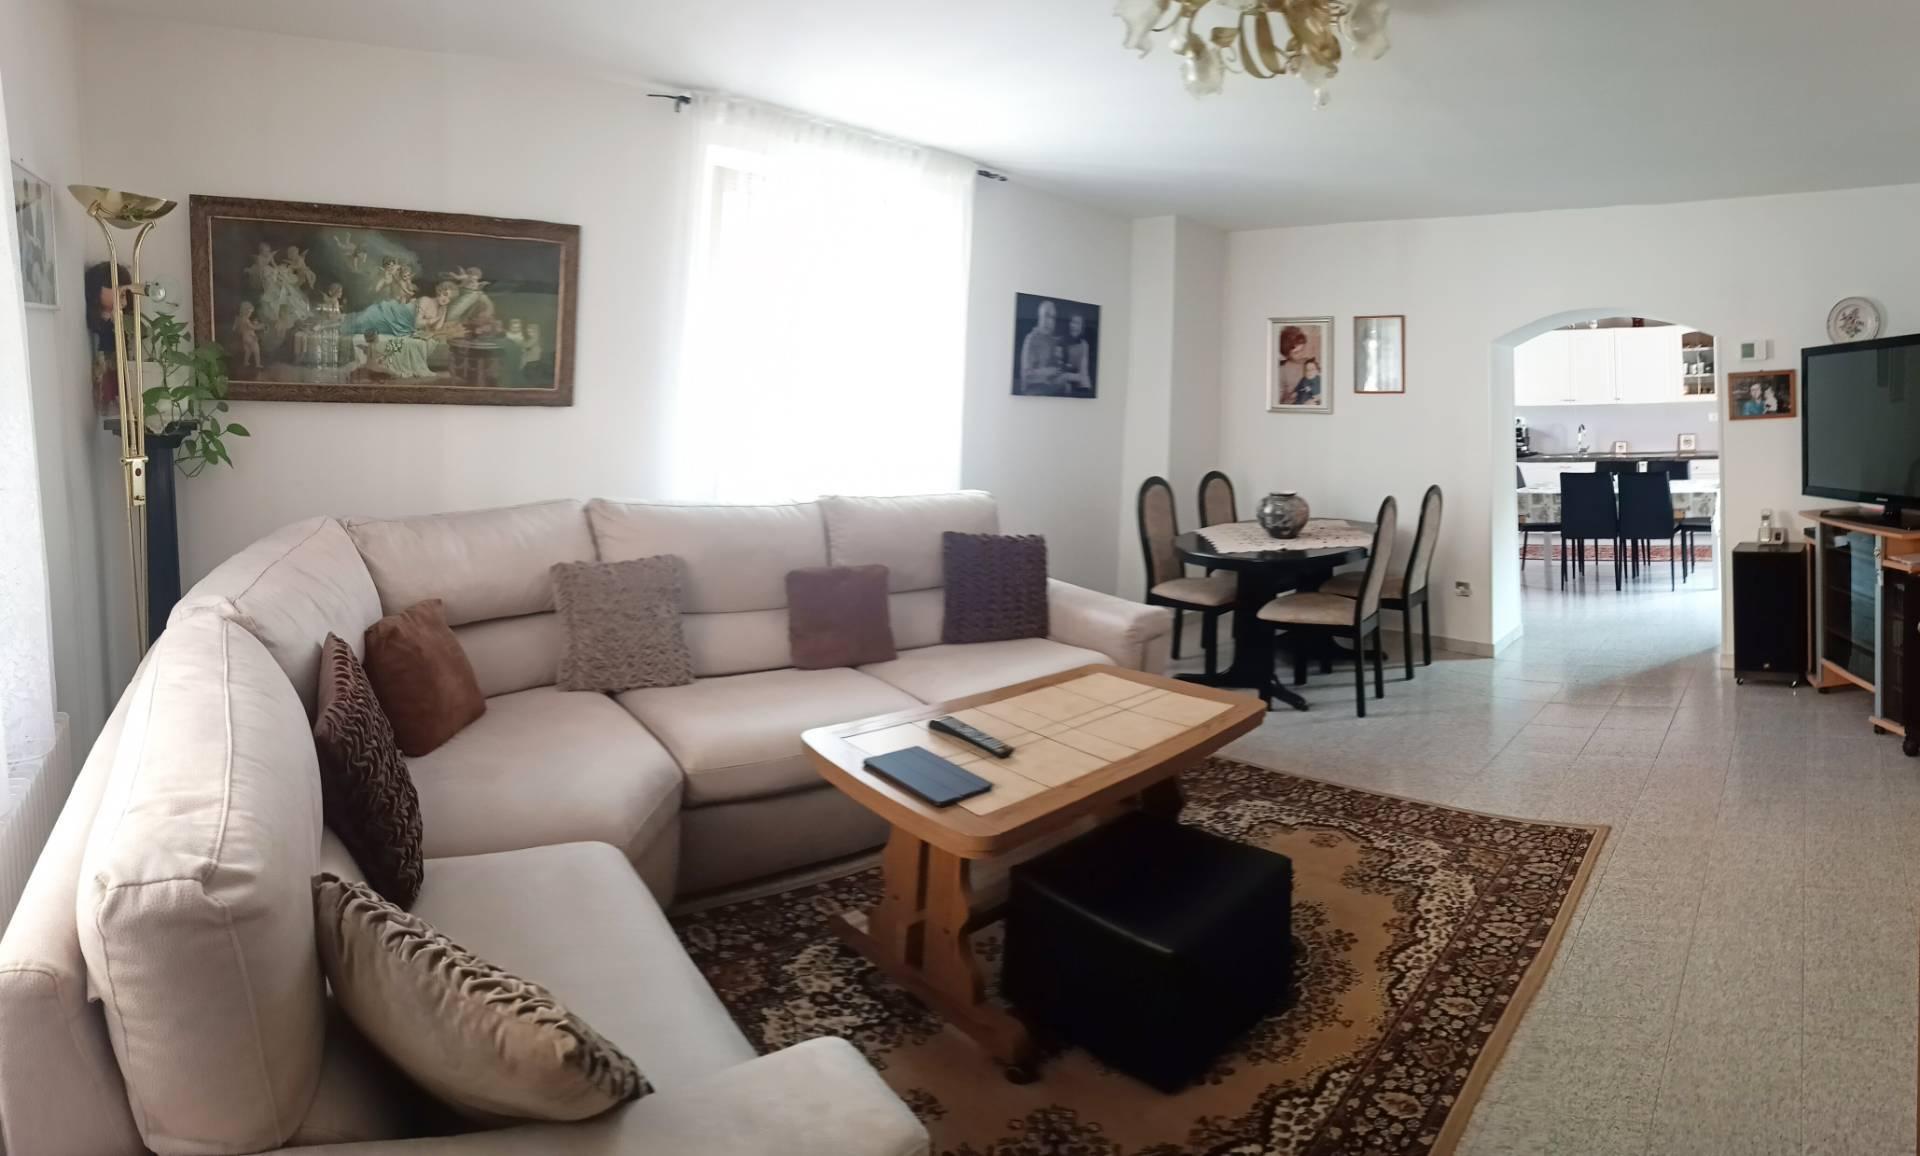 Soluzione Indipendente in vendita a Campoformido, 7 locali, prezzo € 220.000   CambioCasa.it